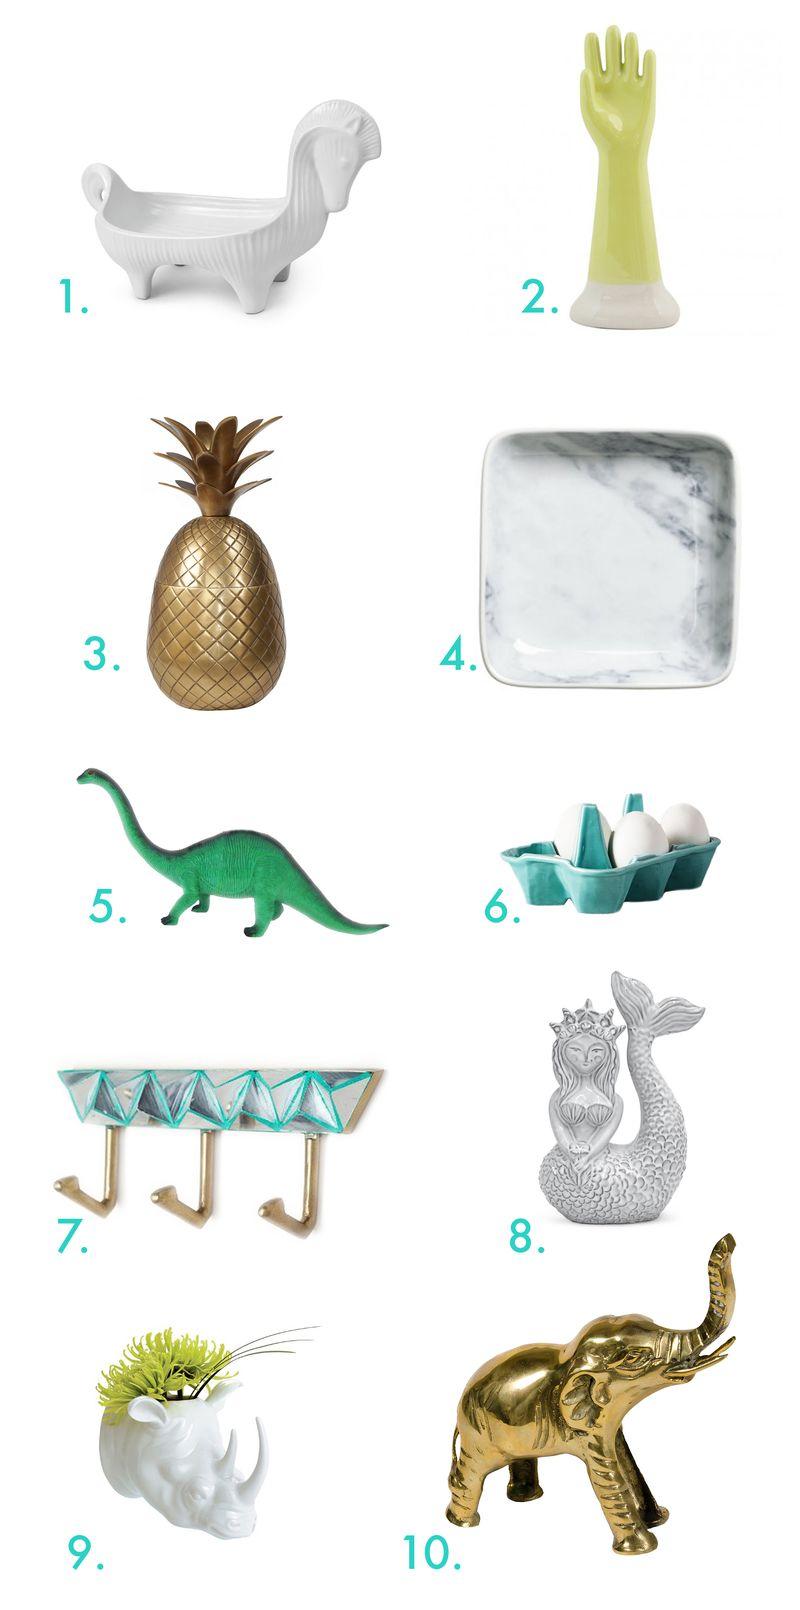 10 Quirky Jewelry Storage Ideas